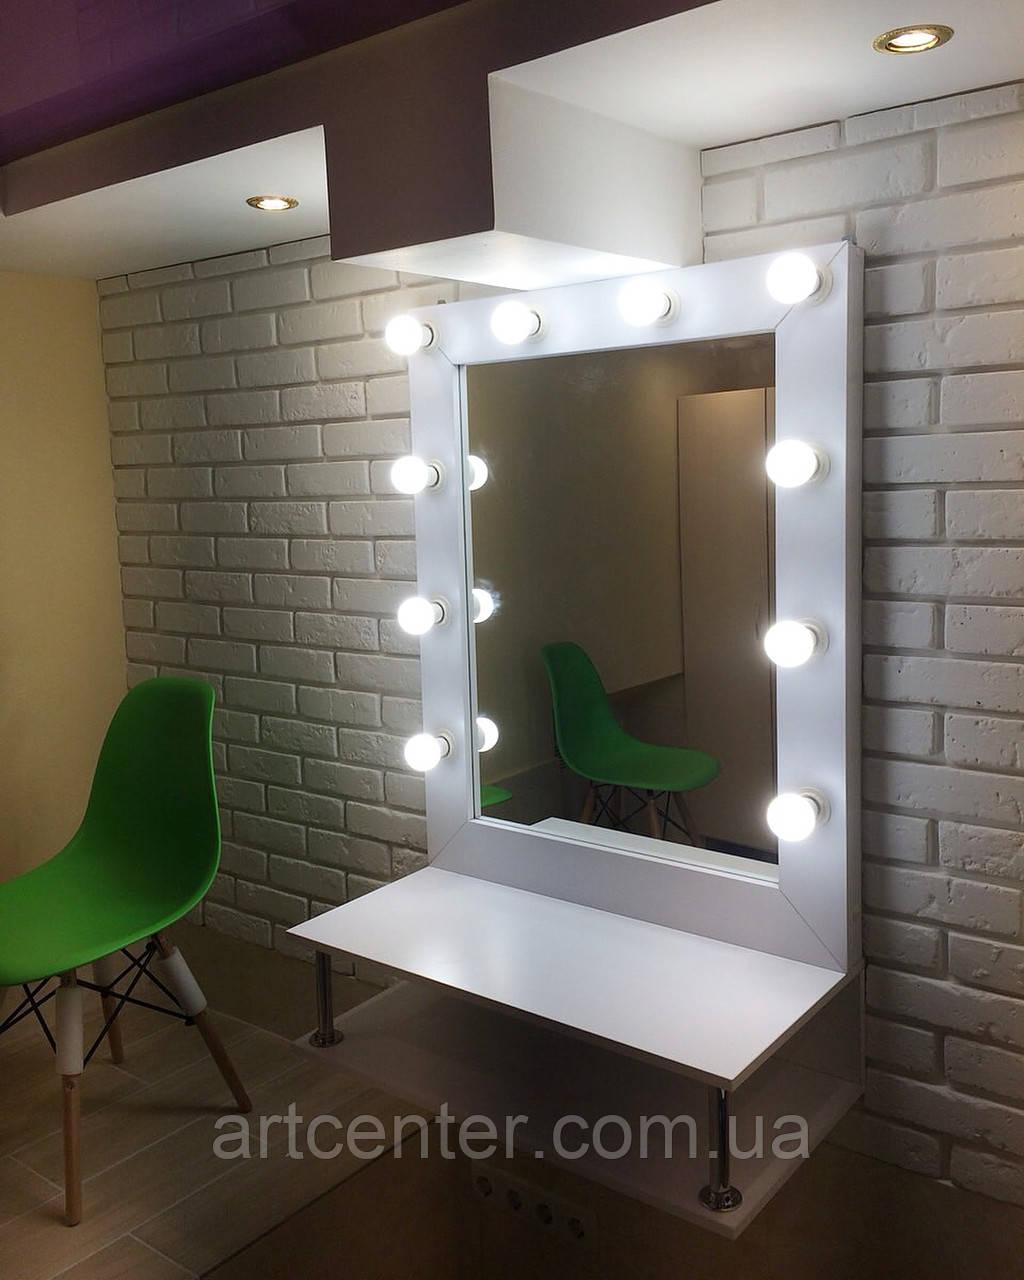 Дзеркало визажное з поличкою і підсвічуванням, гримерное дзеркало